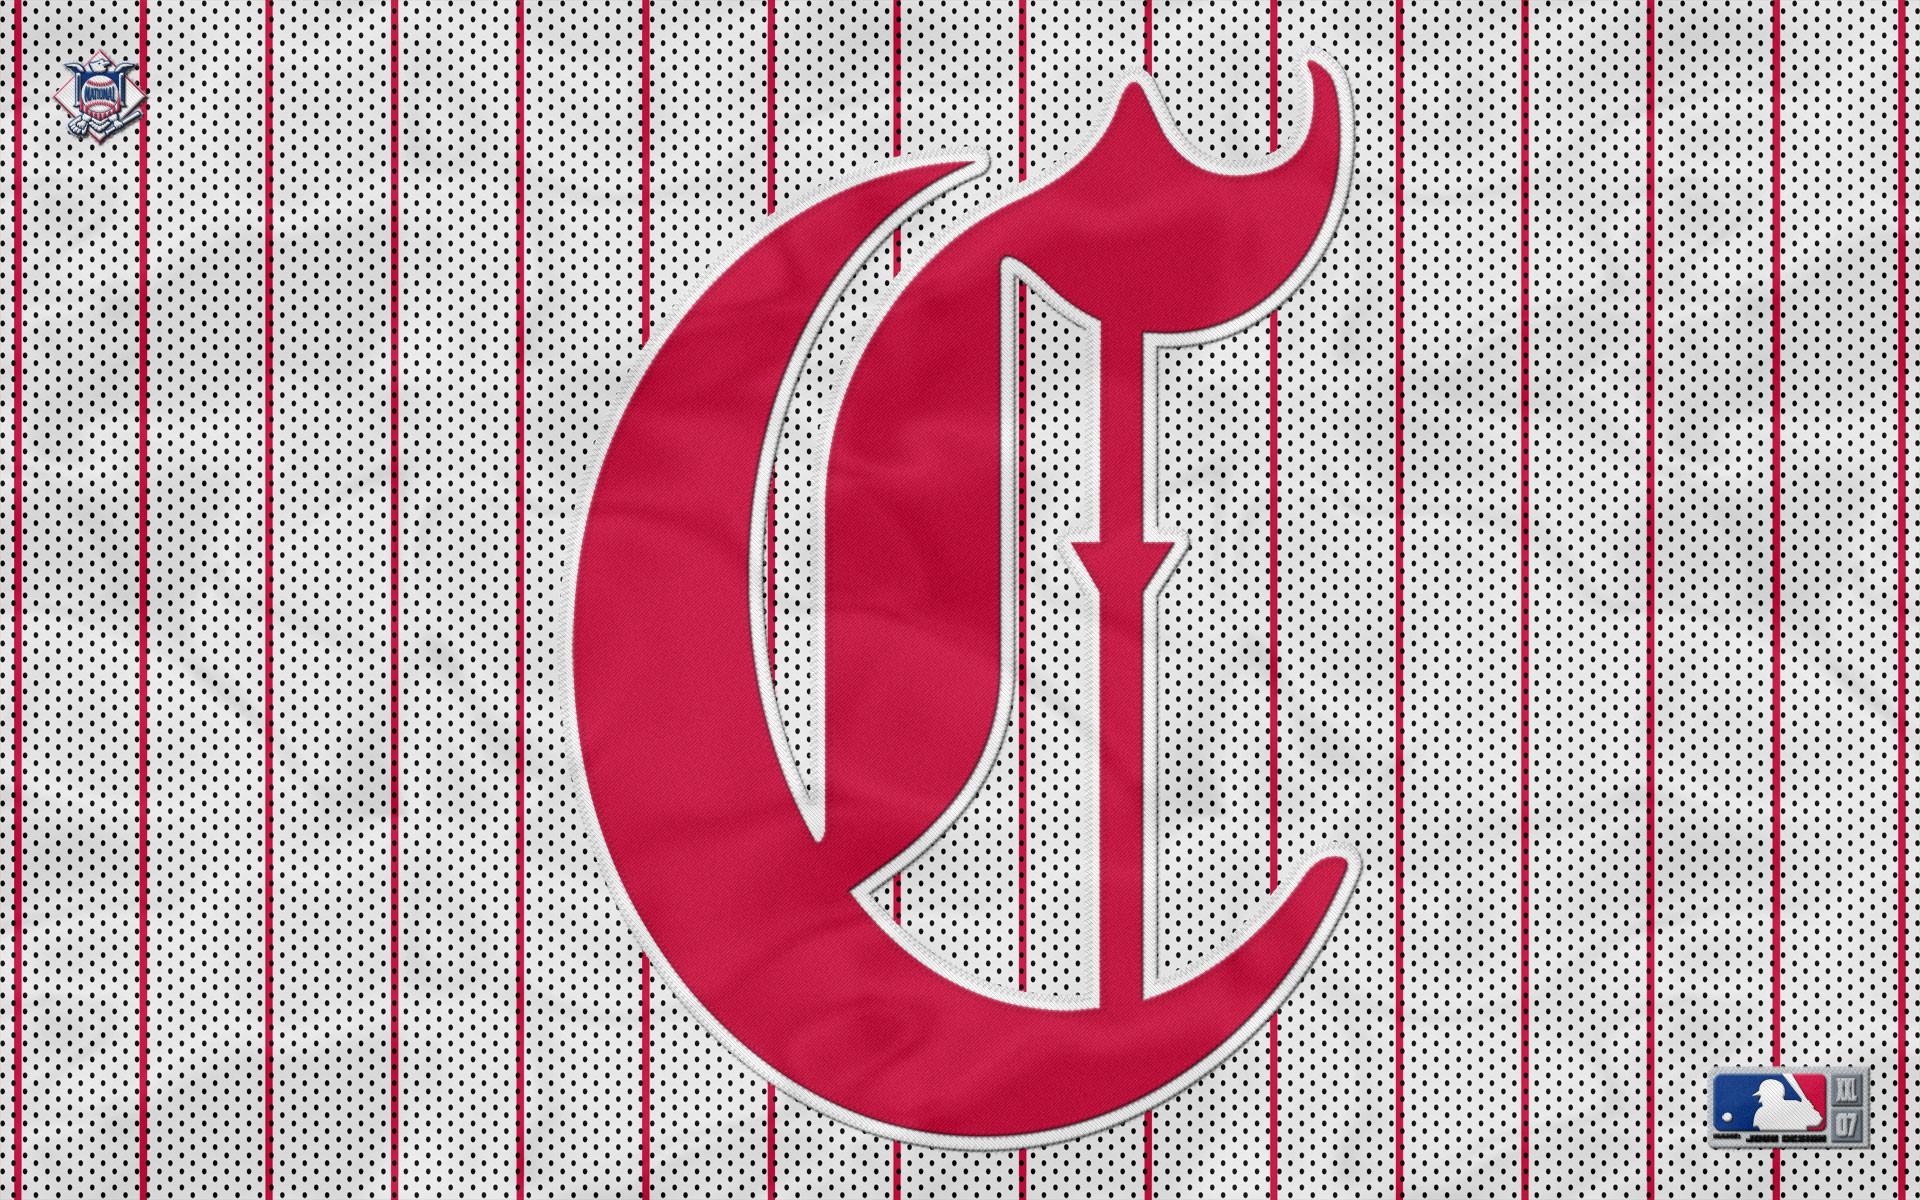 mlb-wallpapers.com/bulkupload/baseball/Cincinnati Reds/Cincinnati-Reds